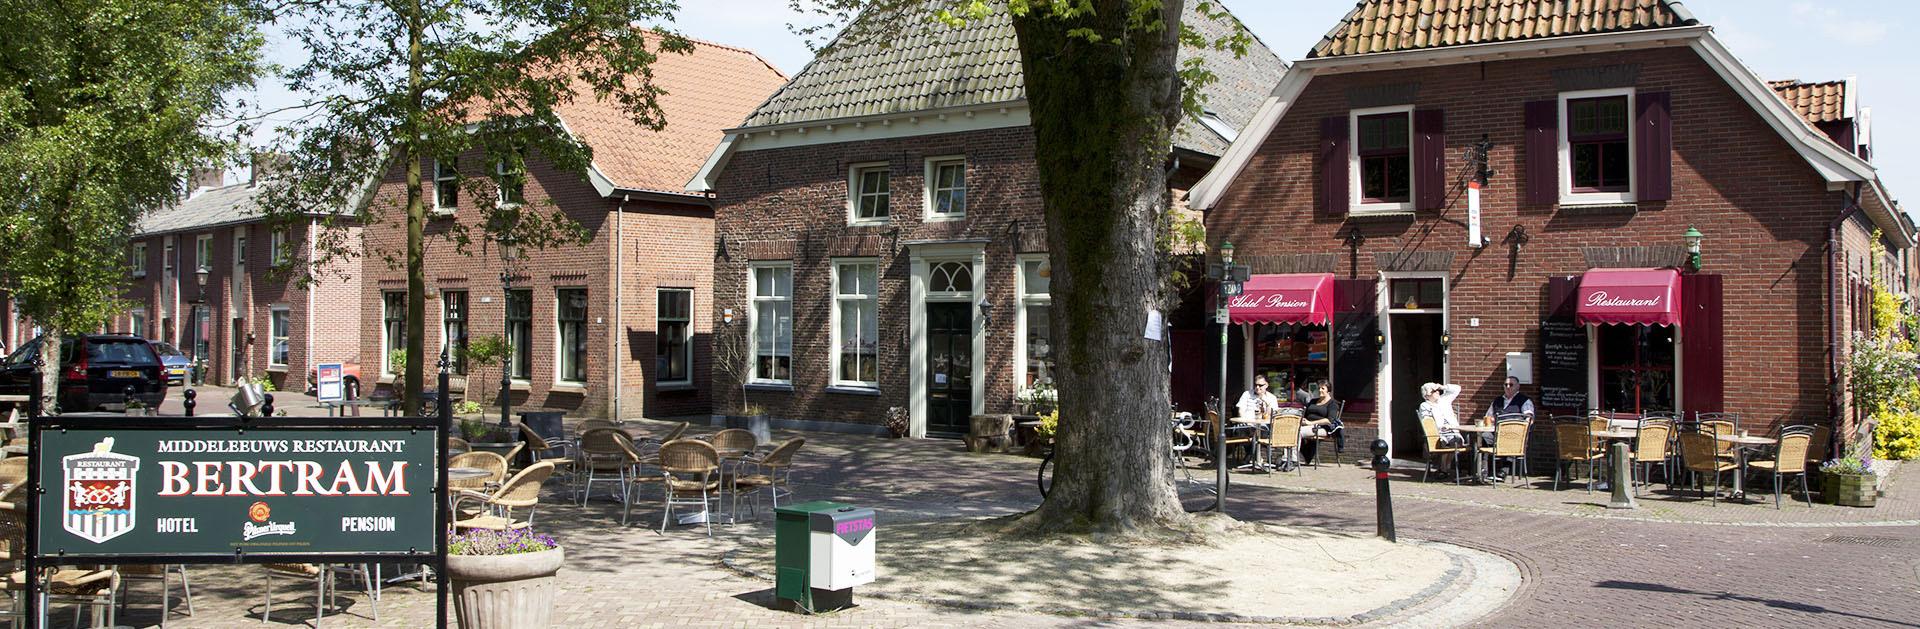 Hotel Restaurant Bertram - Bredevoort Regio Achterhoek - Liemers